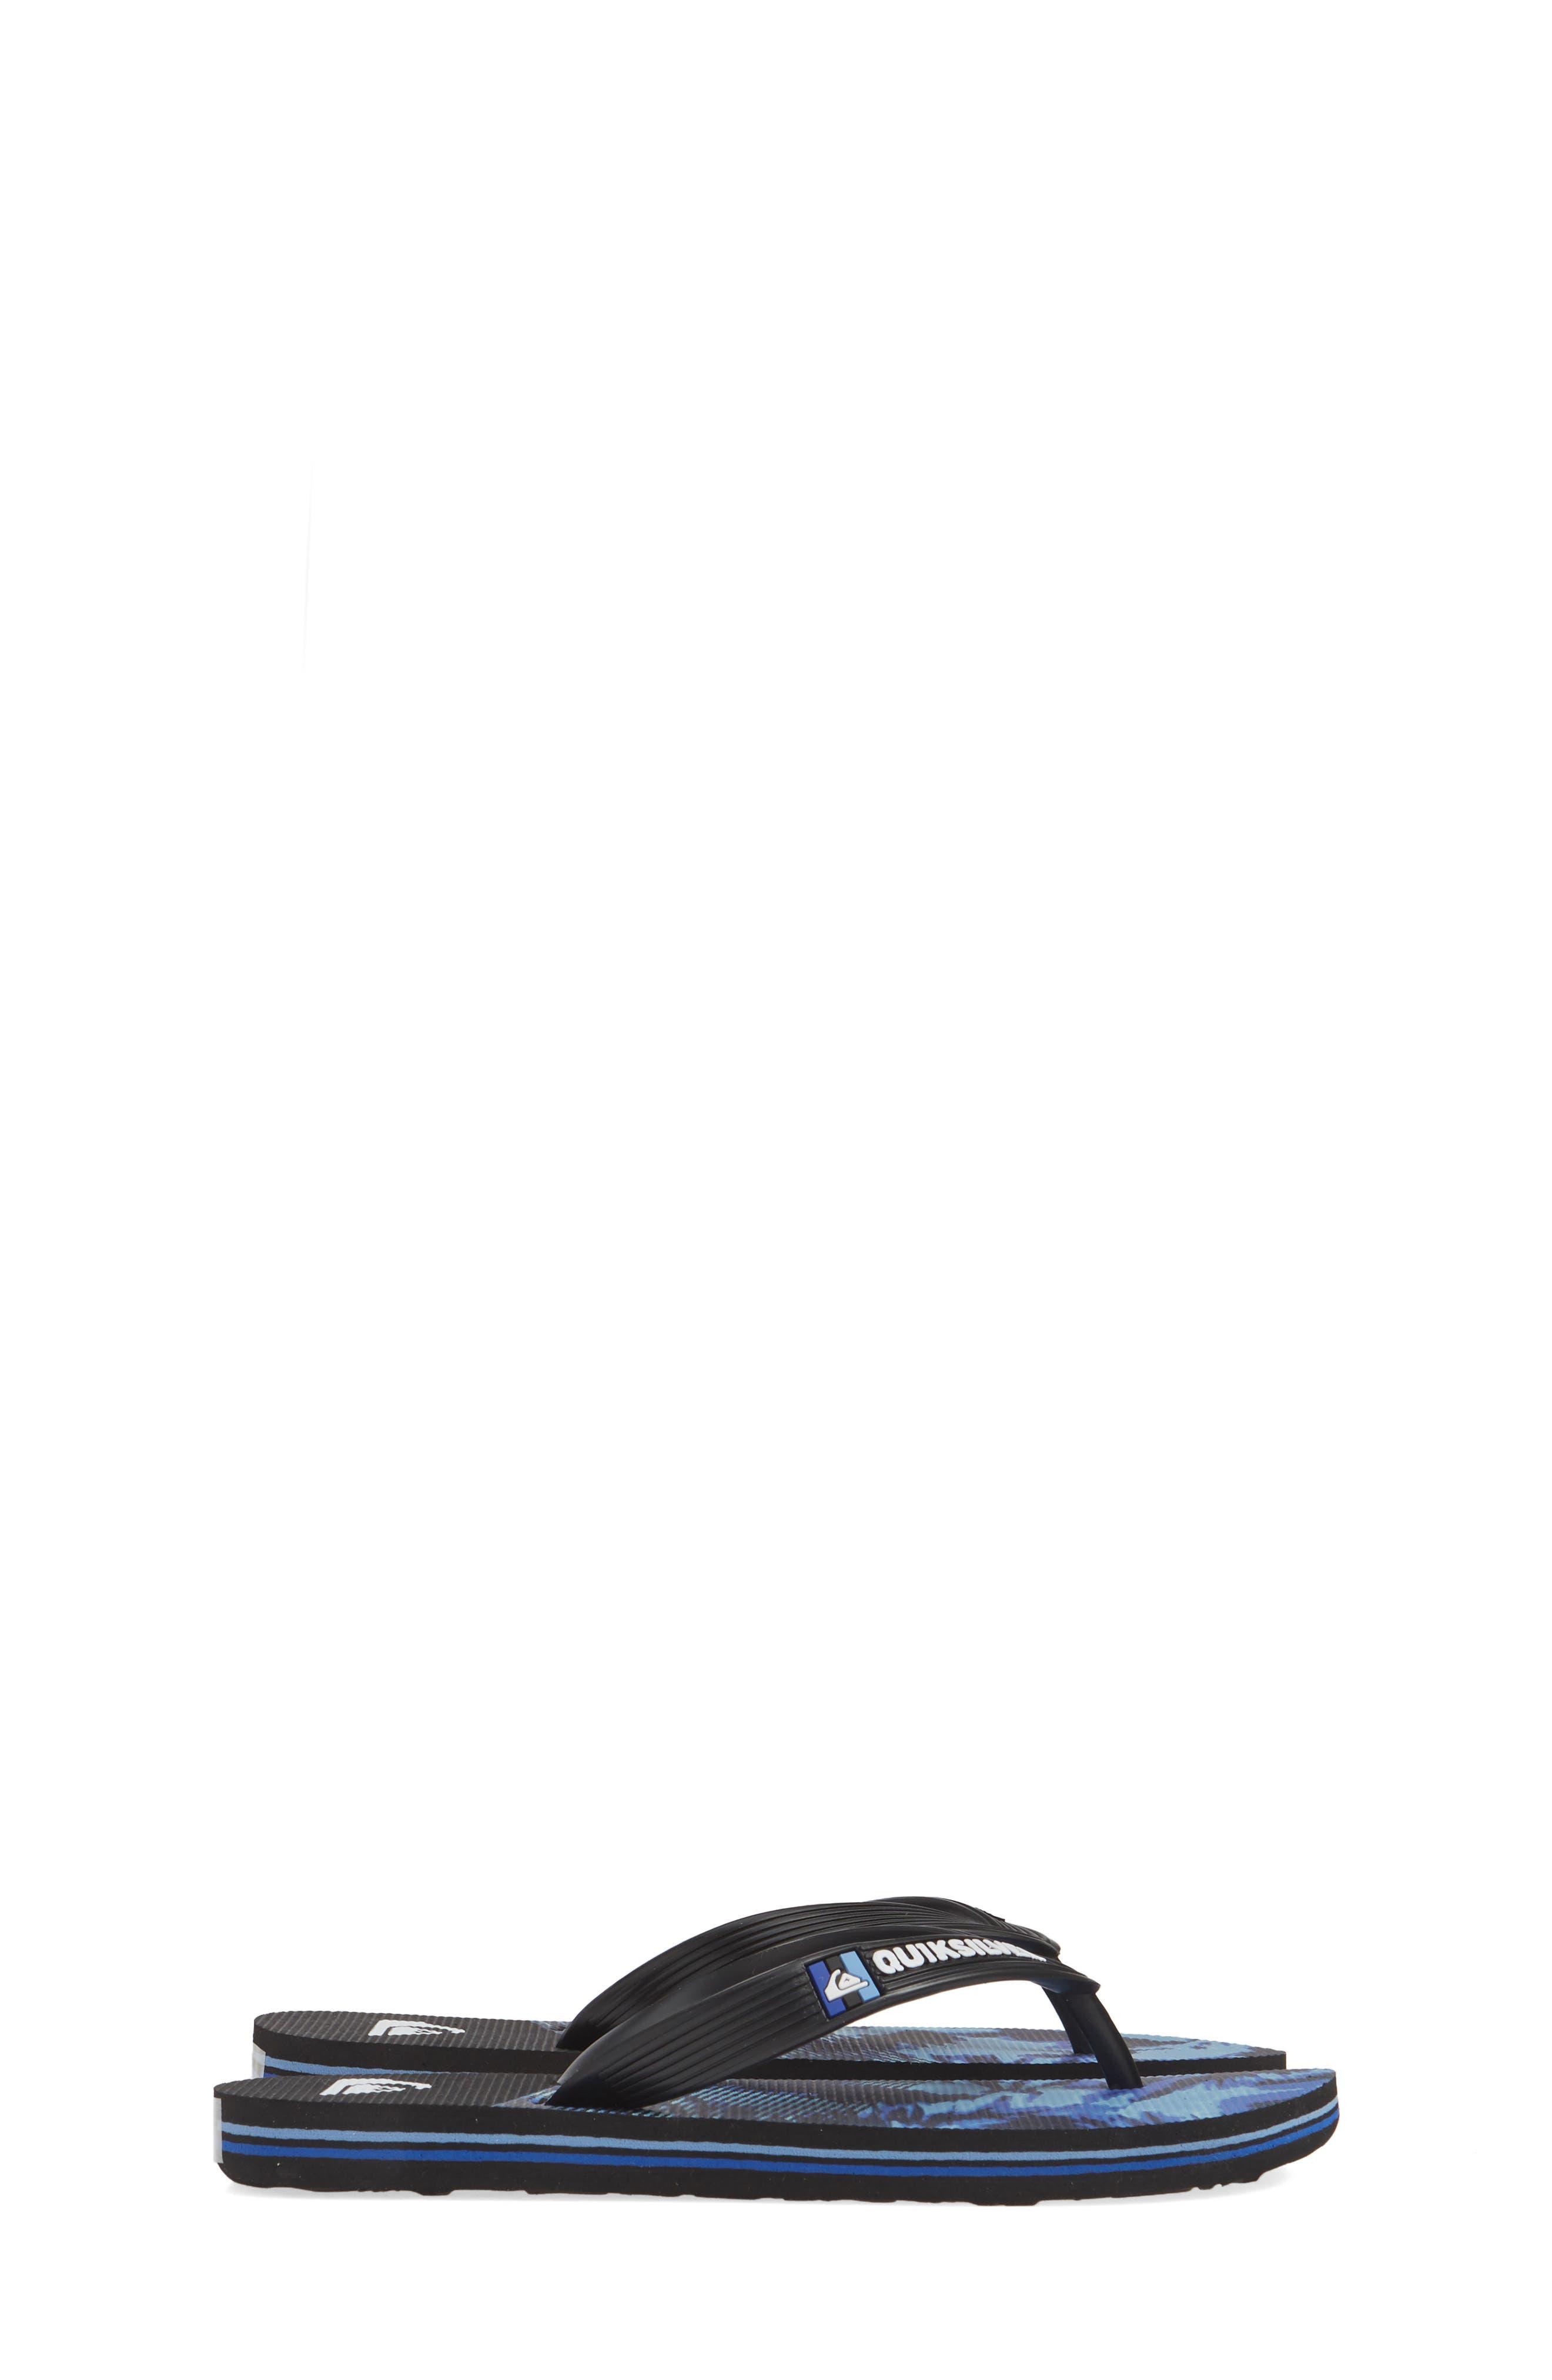 QUIKSILVER, Molokai Night Marcher Flip Flop, Alternate thumbnail 4, color, 006